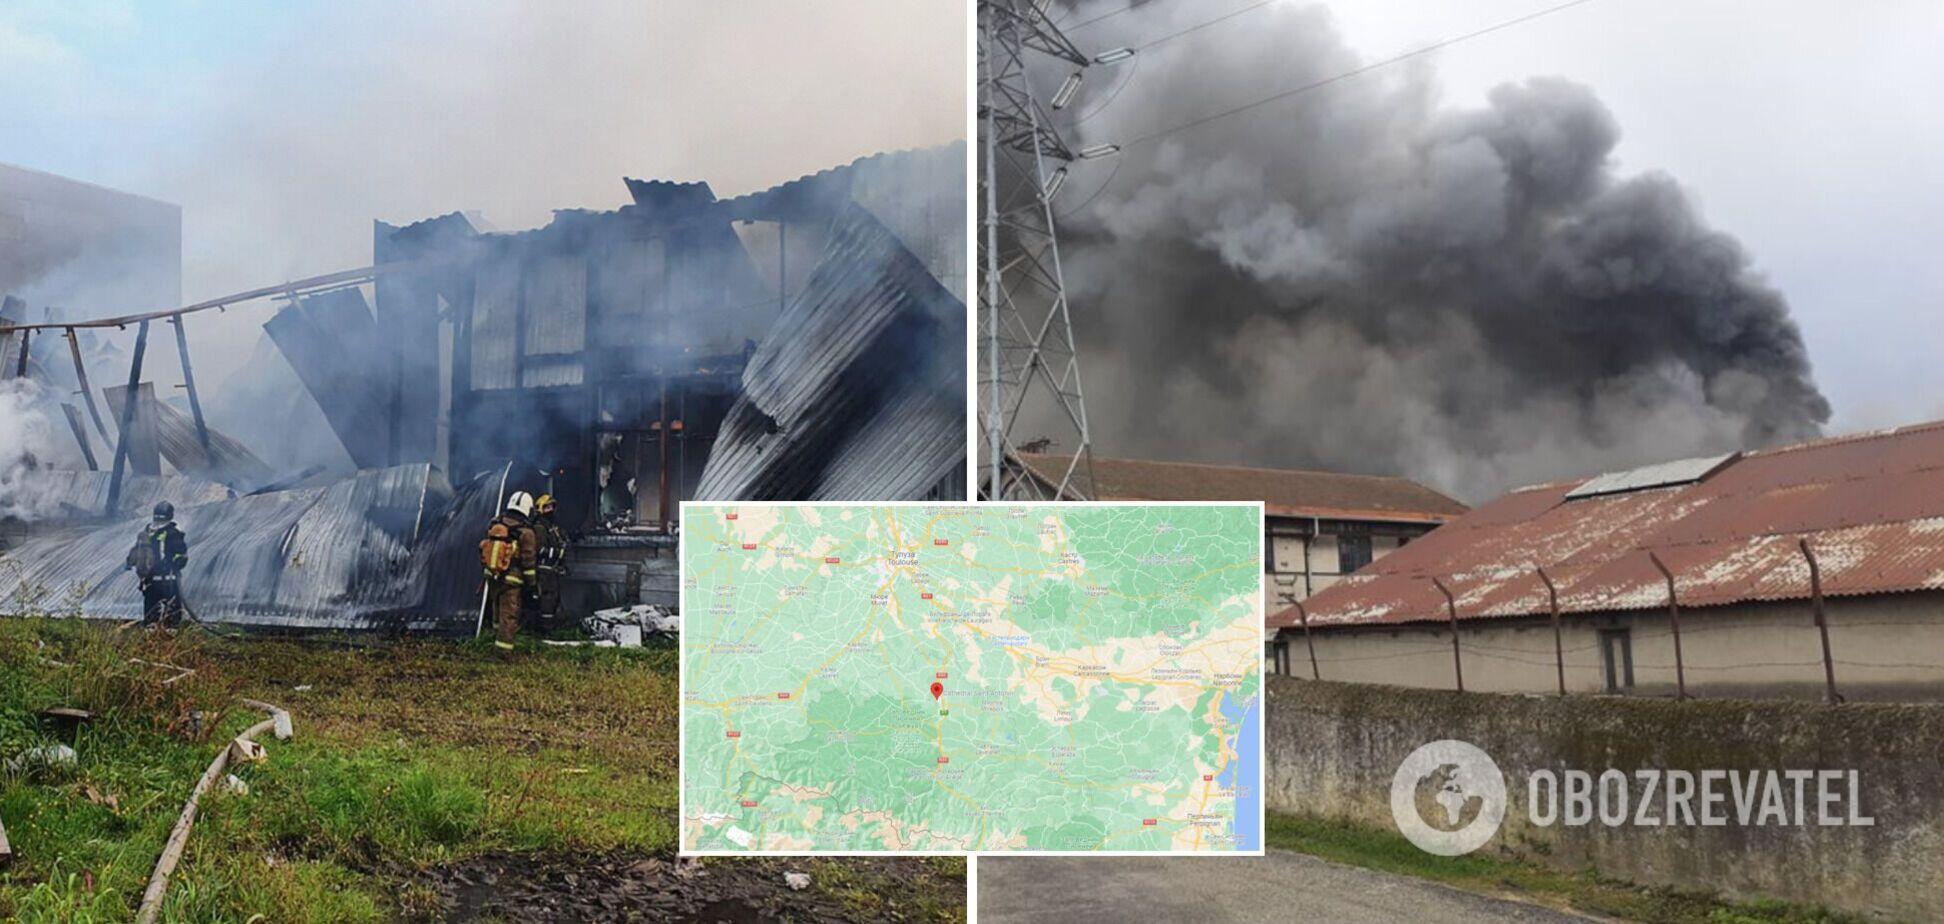 У Франції горів металургійний завод: у повітря потрапив токсичний дим. Відео